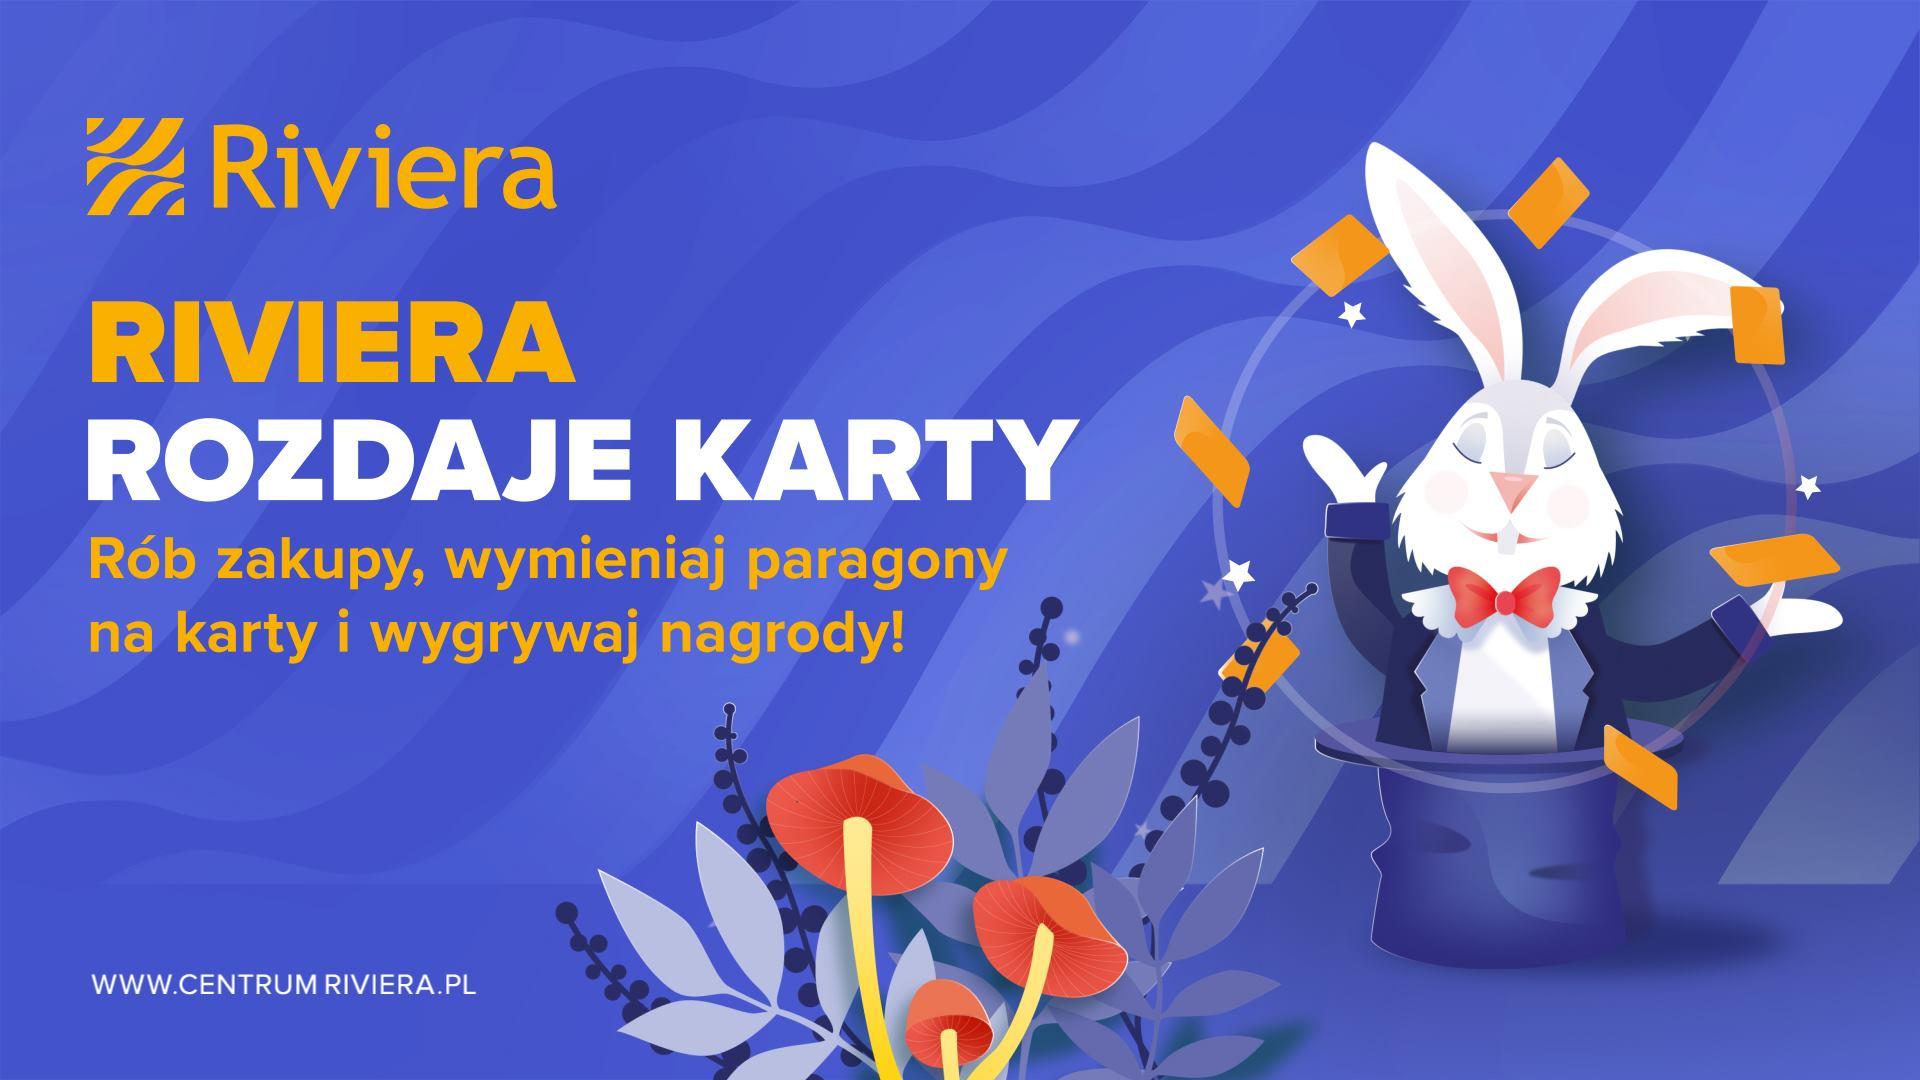 7. urodziny Centrum Riviera - w krainie czarów!